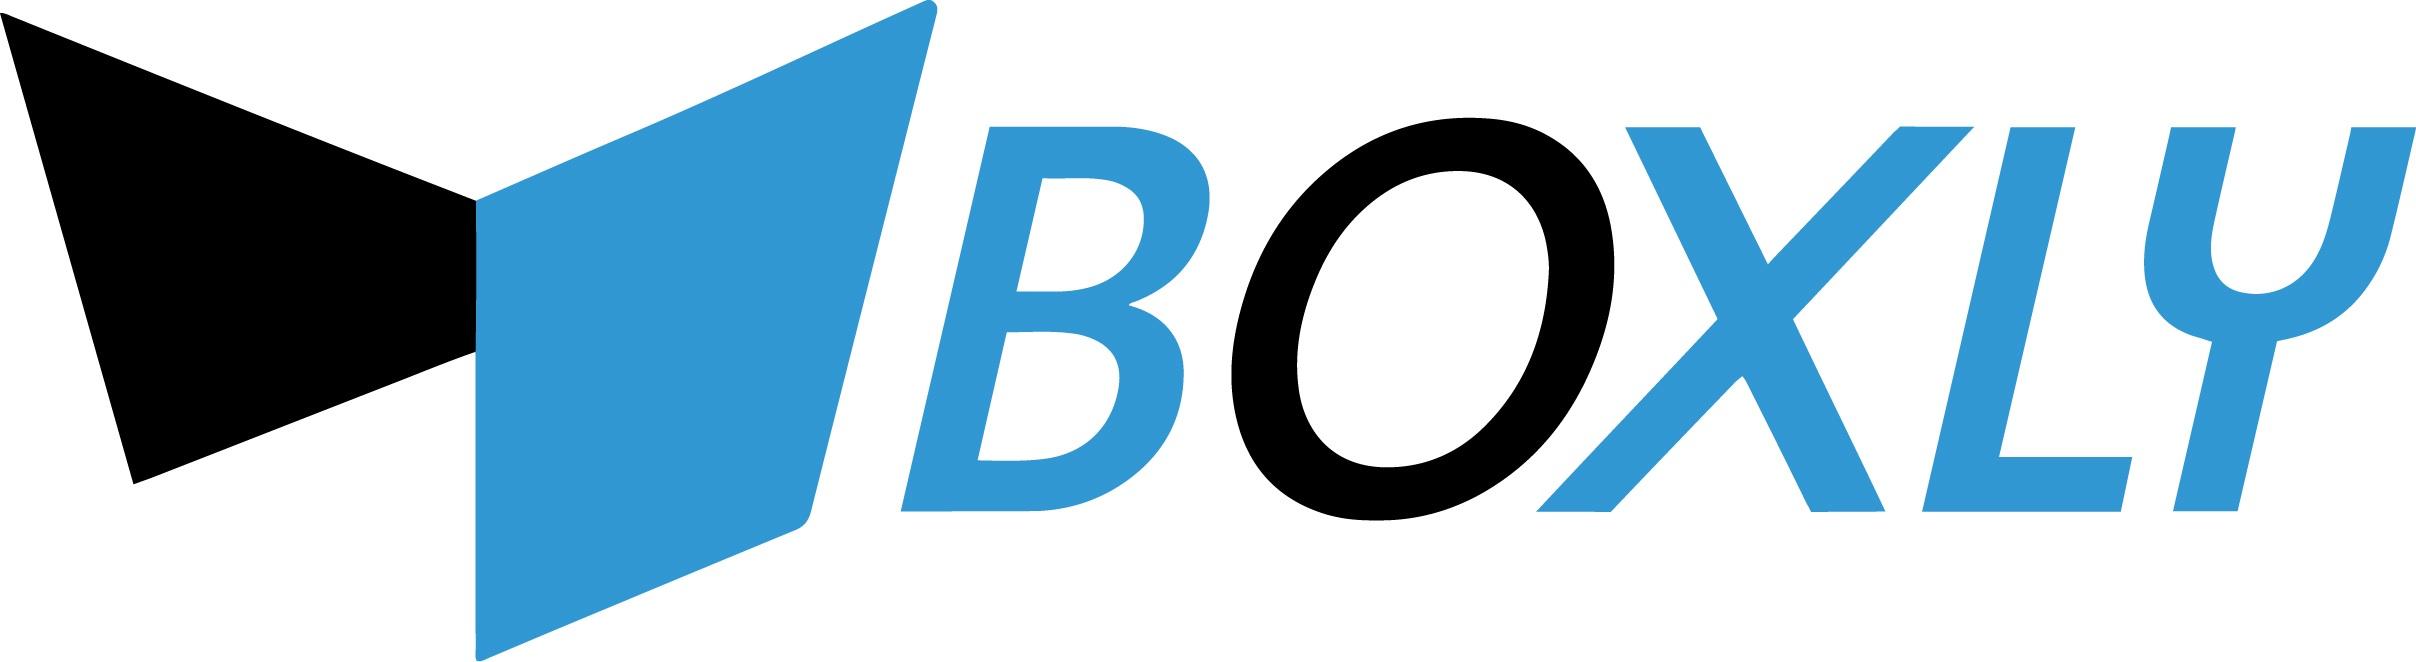 boxly logo